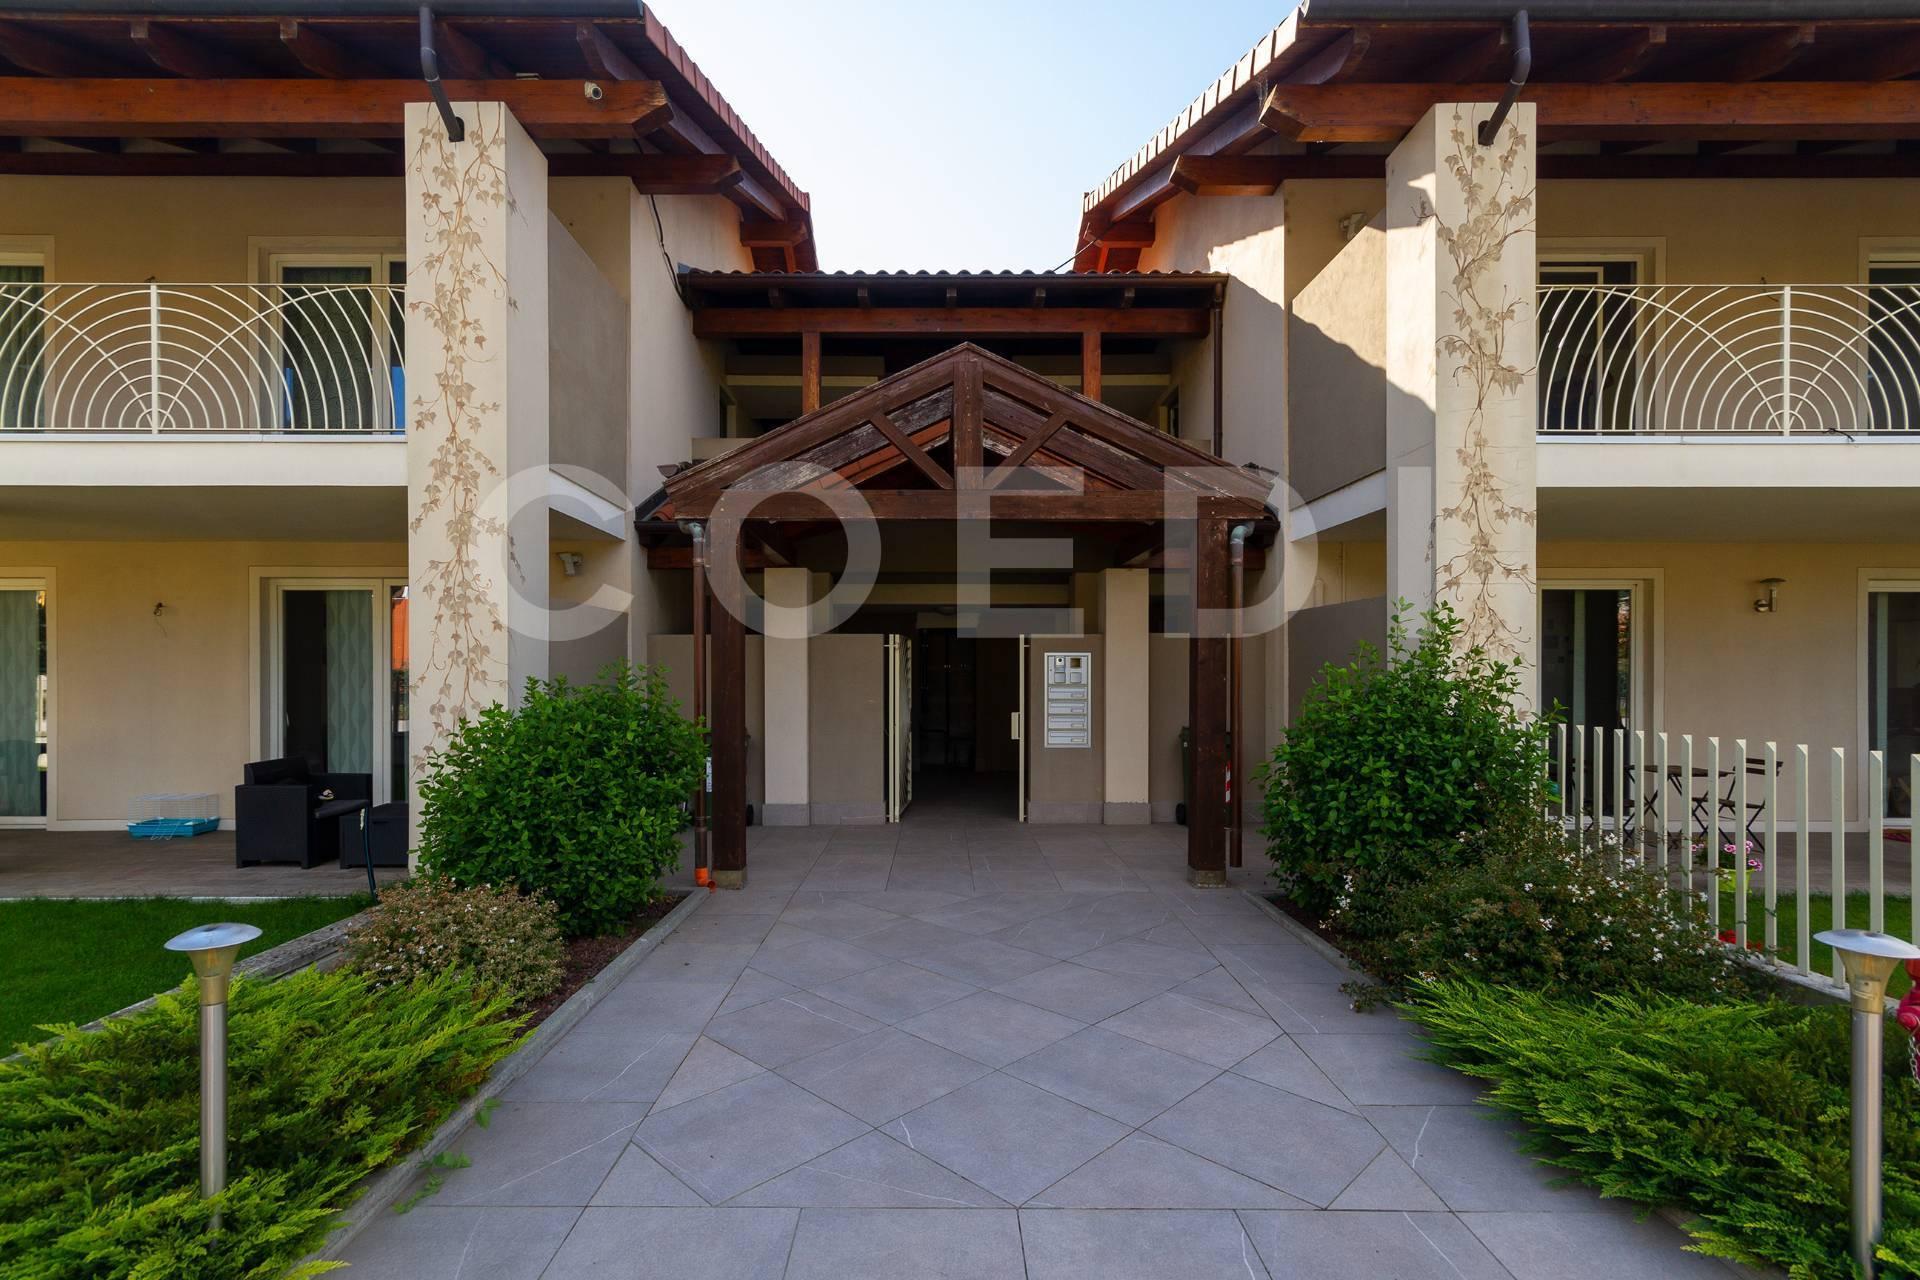 Appartamento in vendita a Borgone Susa, 3 locali, prezzo € 150.000 | PortaleAgenzieImmobiliari.it